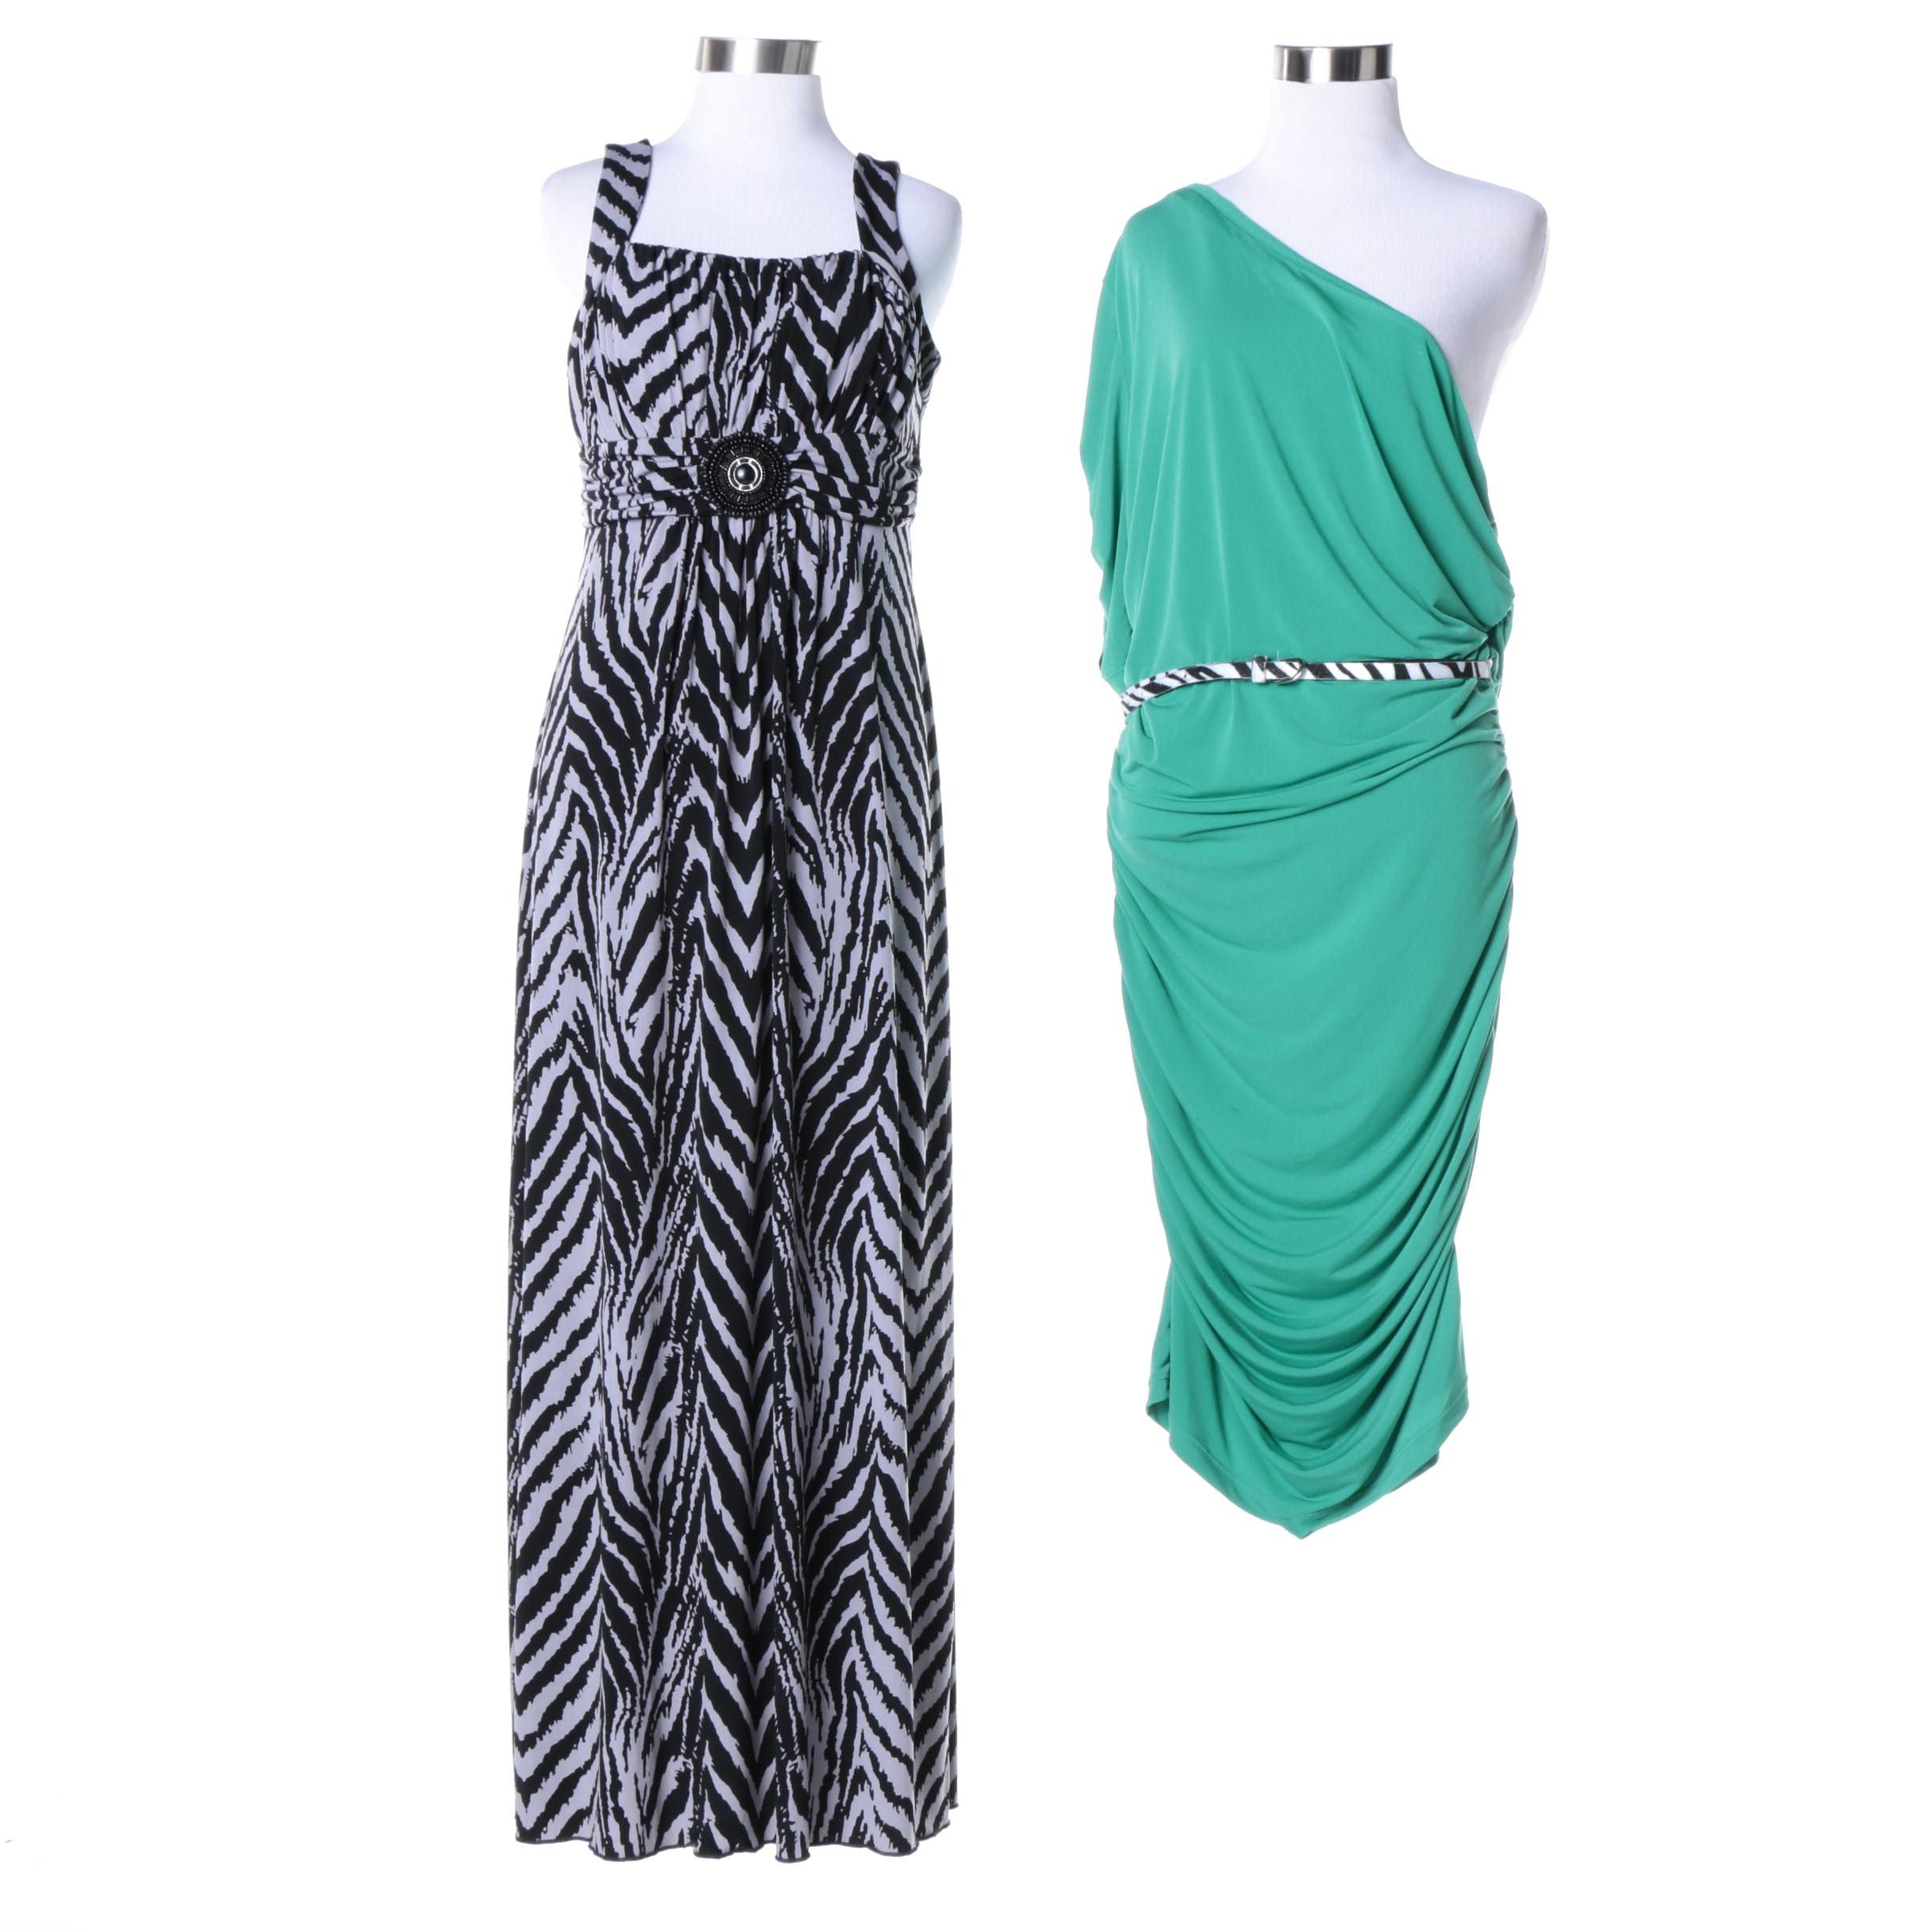 Women's Dresses Including Sofia Sofia Vergara